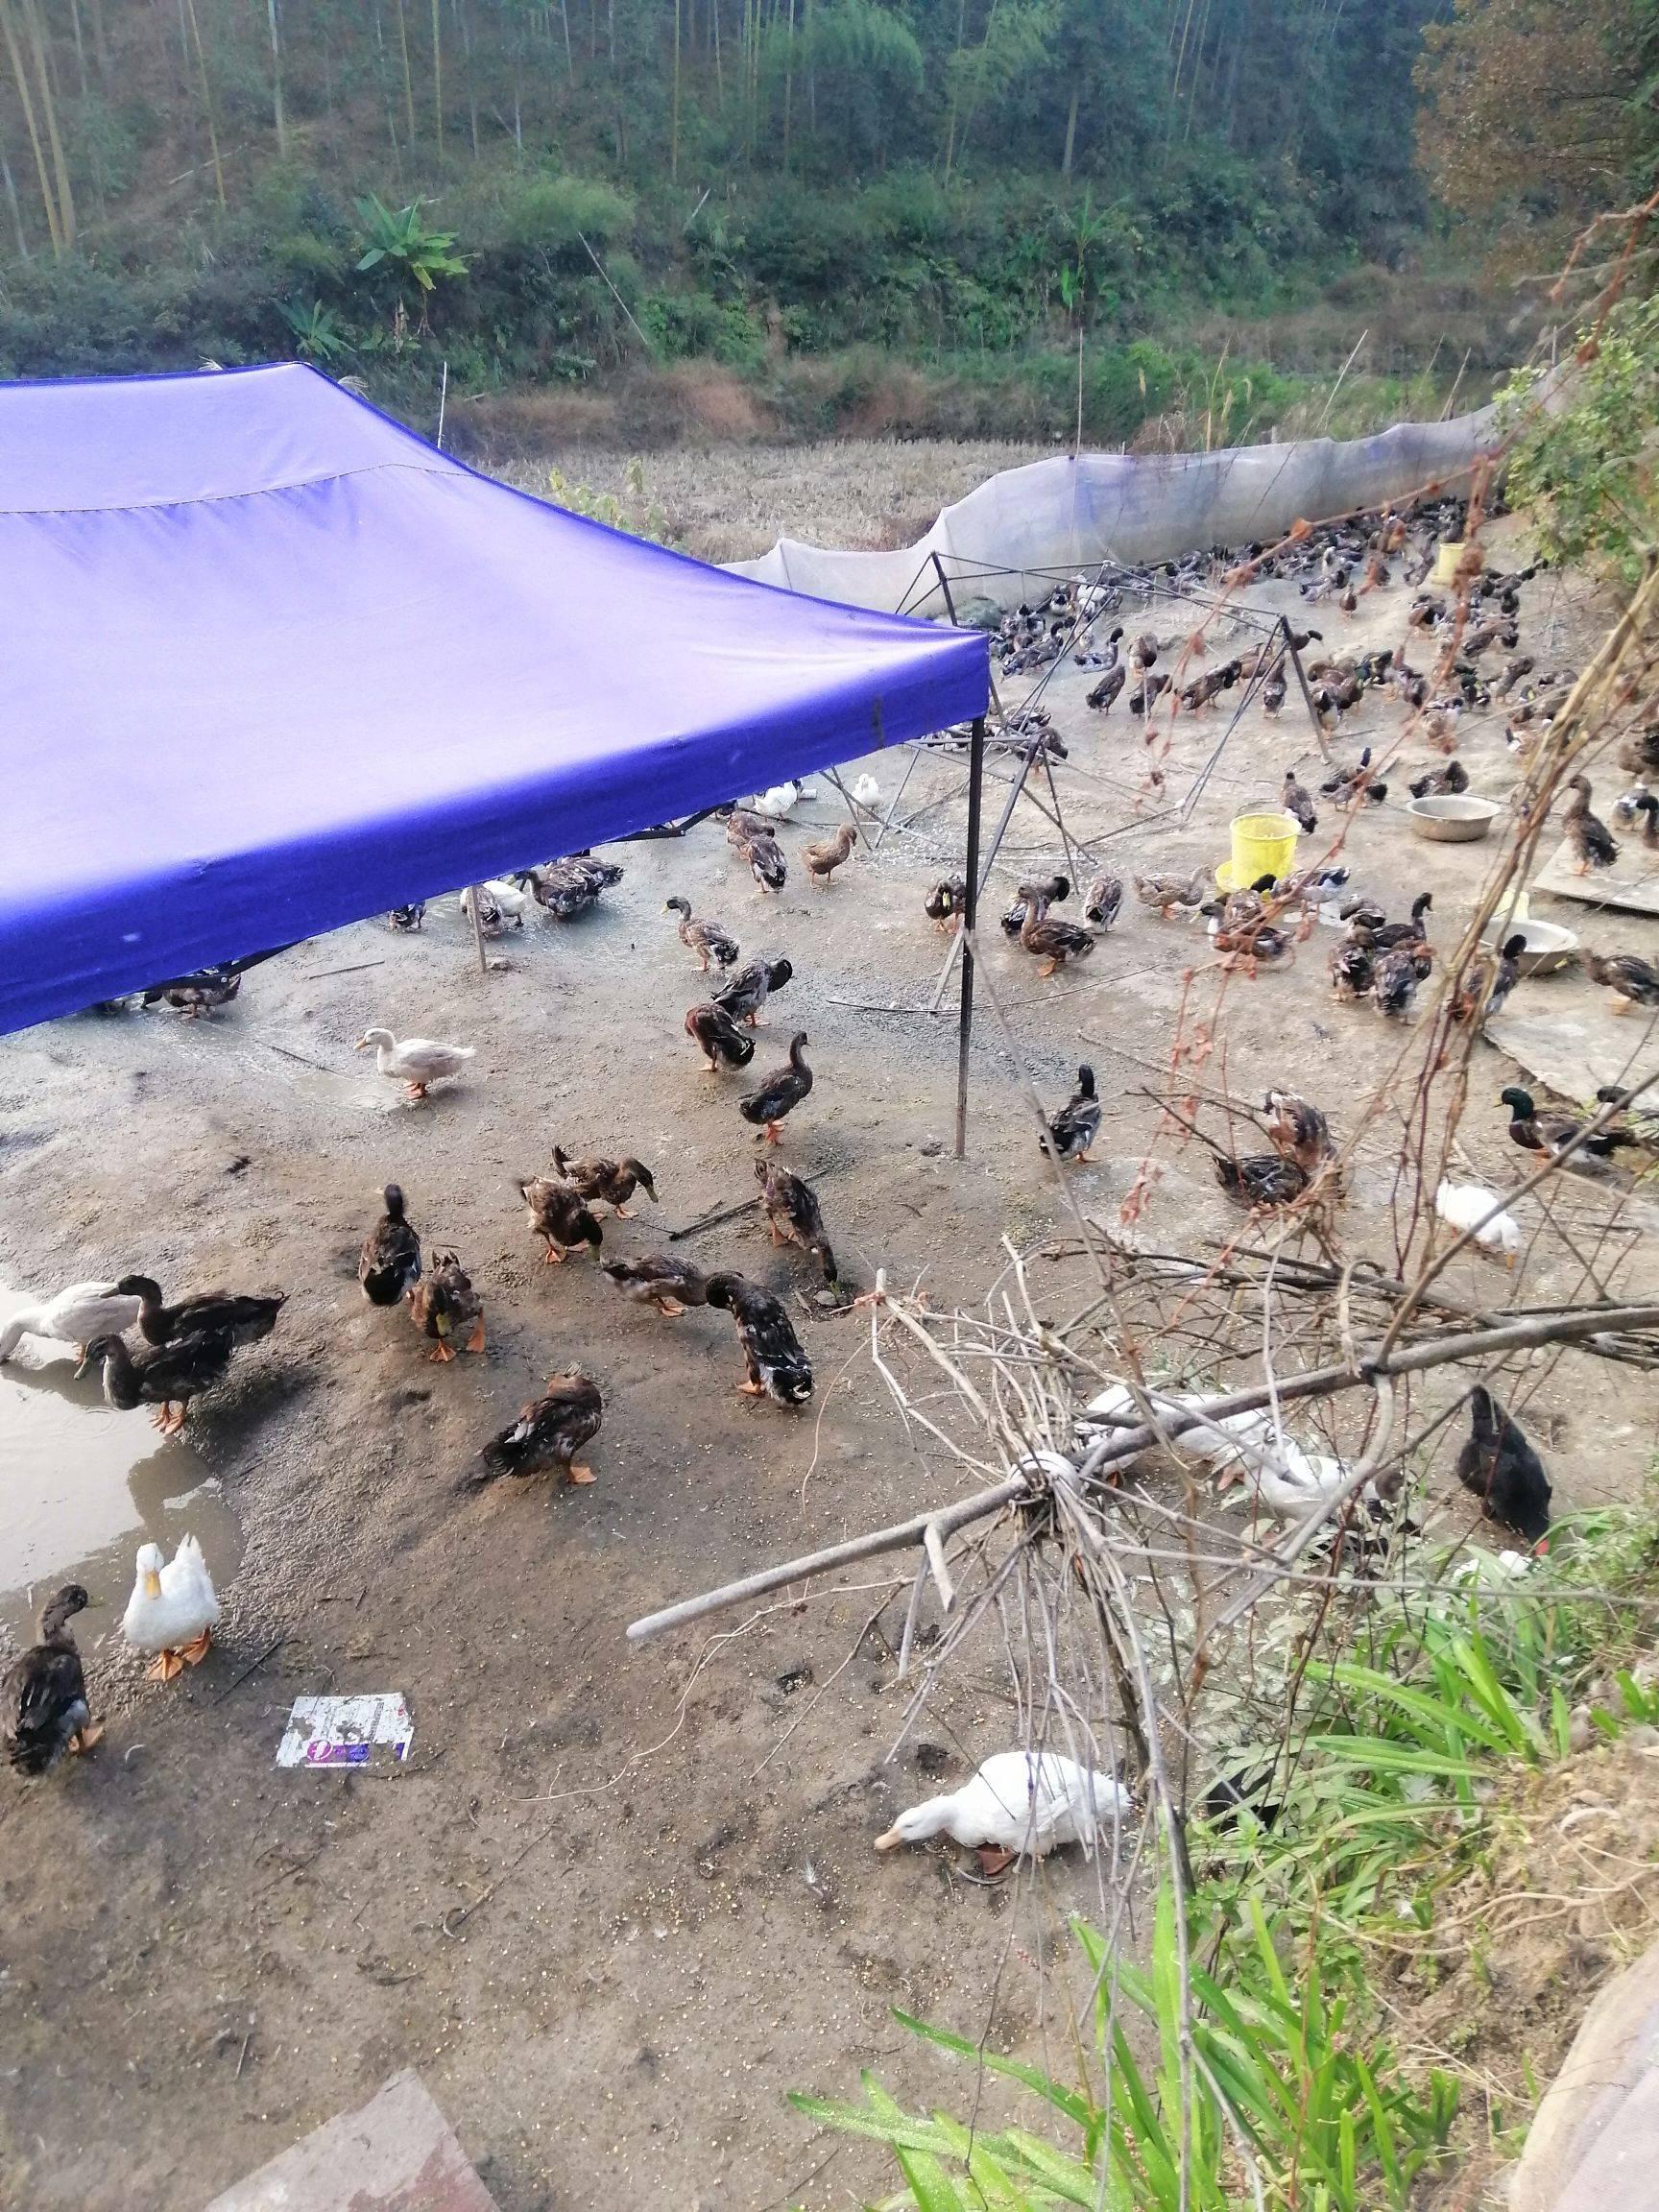 [鸭肉类批发]鸭肉类 110多天的麻鸭,白鸭,散养喂玉米的价格12元/斤